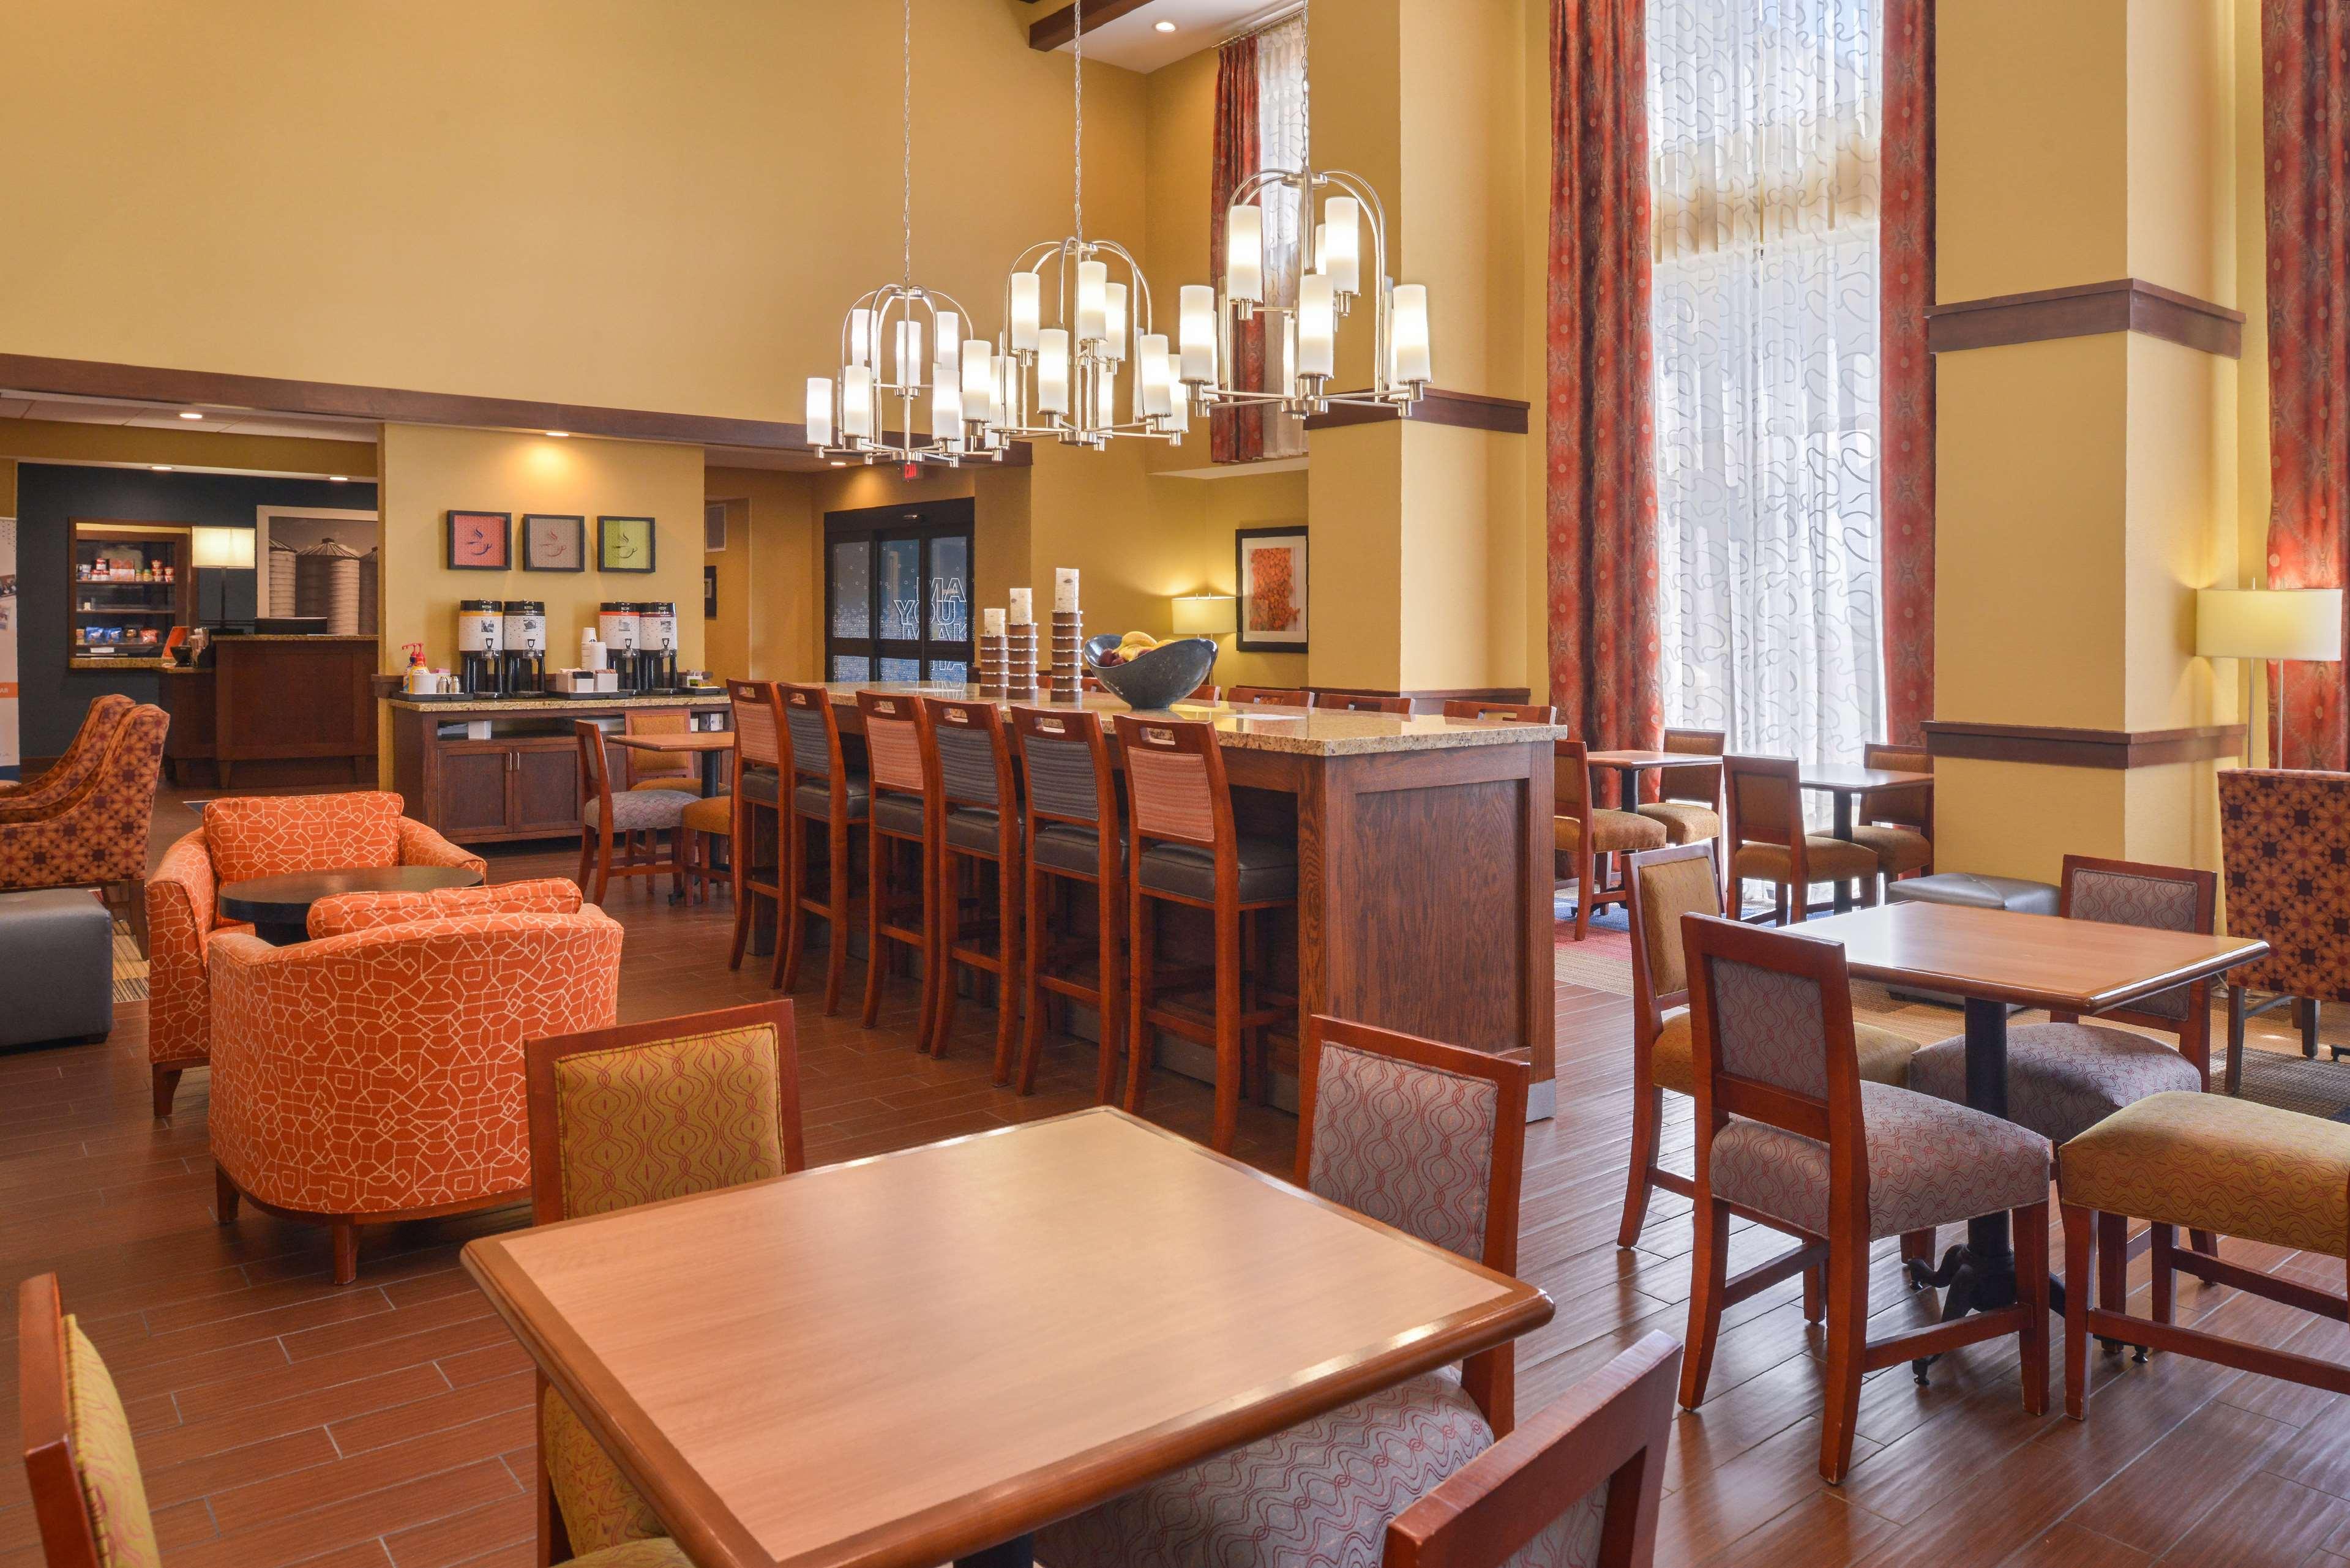 Hampton Inn & Suites Lonoke image 7